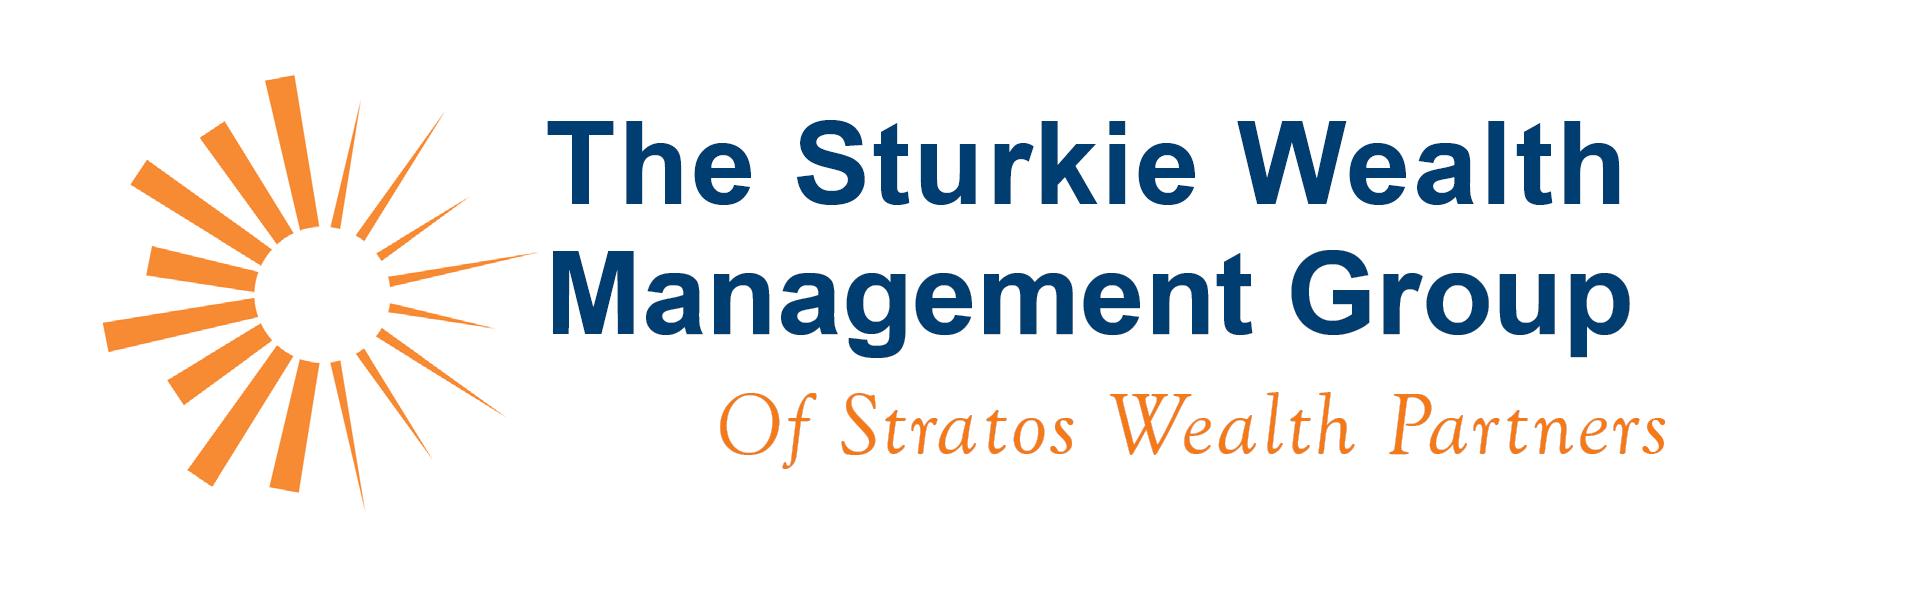 Sturkie Wealth Management Group